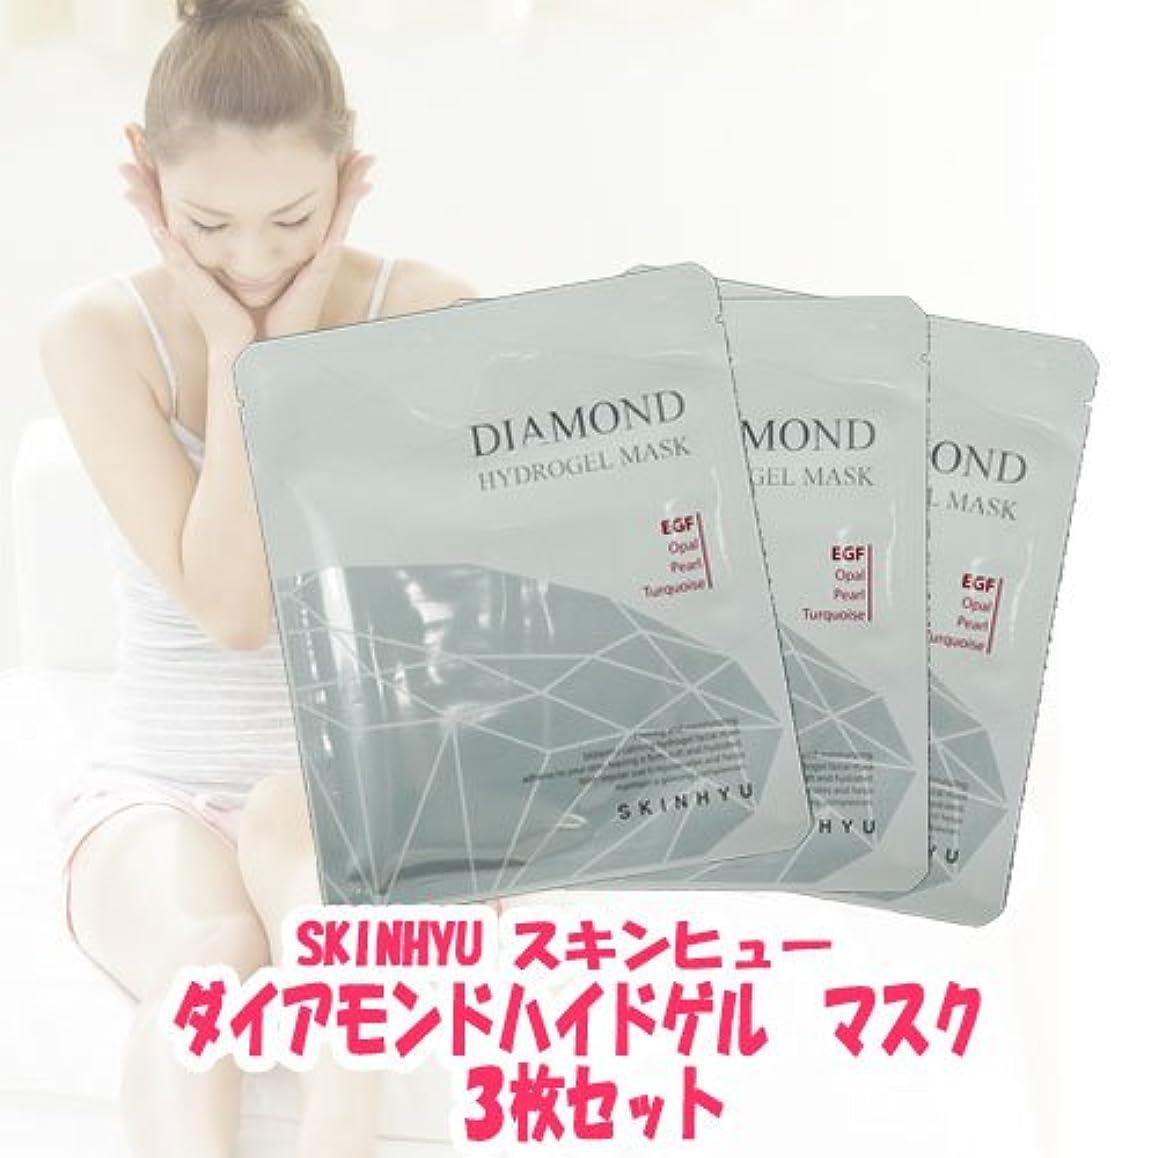 貪欲恐れ適応SKINHYU スキンヒュー ダイヤモンドハイドロゲルマスク 3枚セット